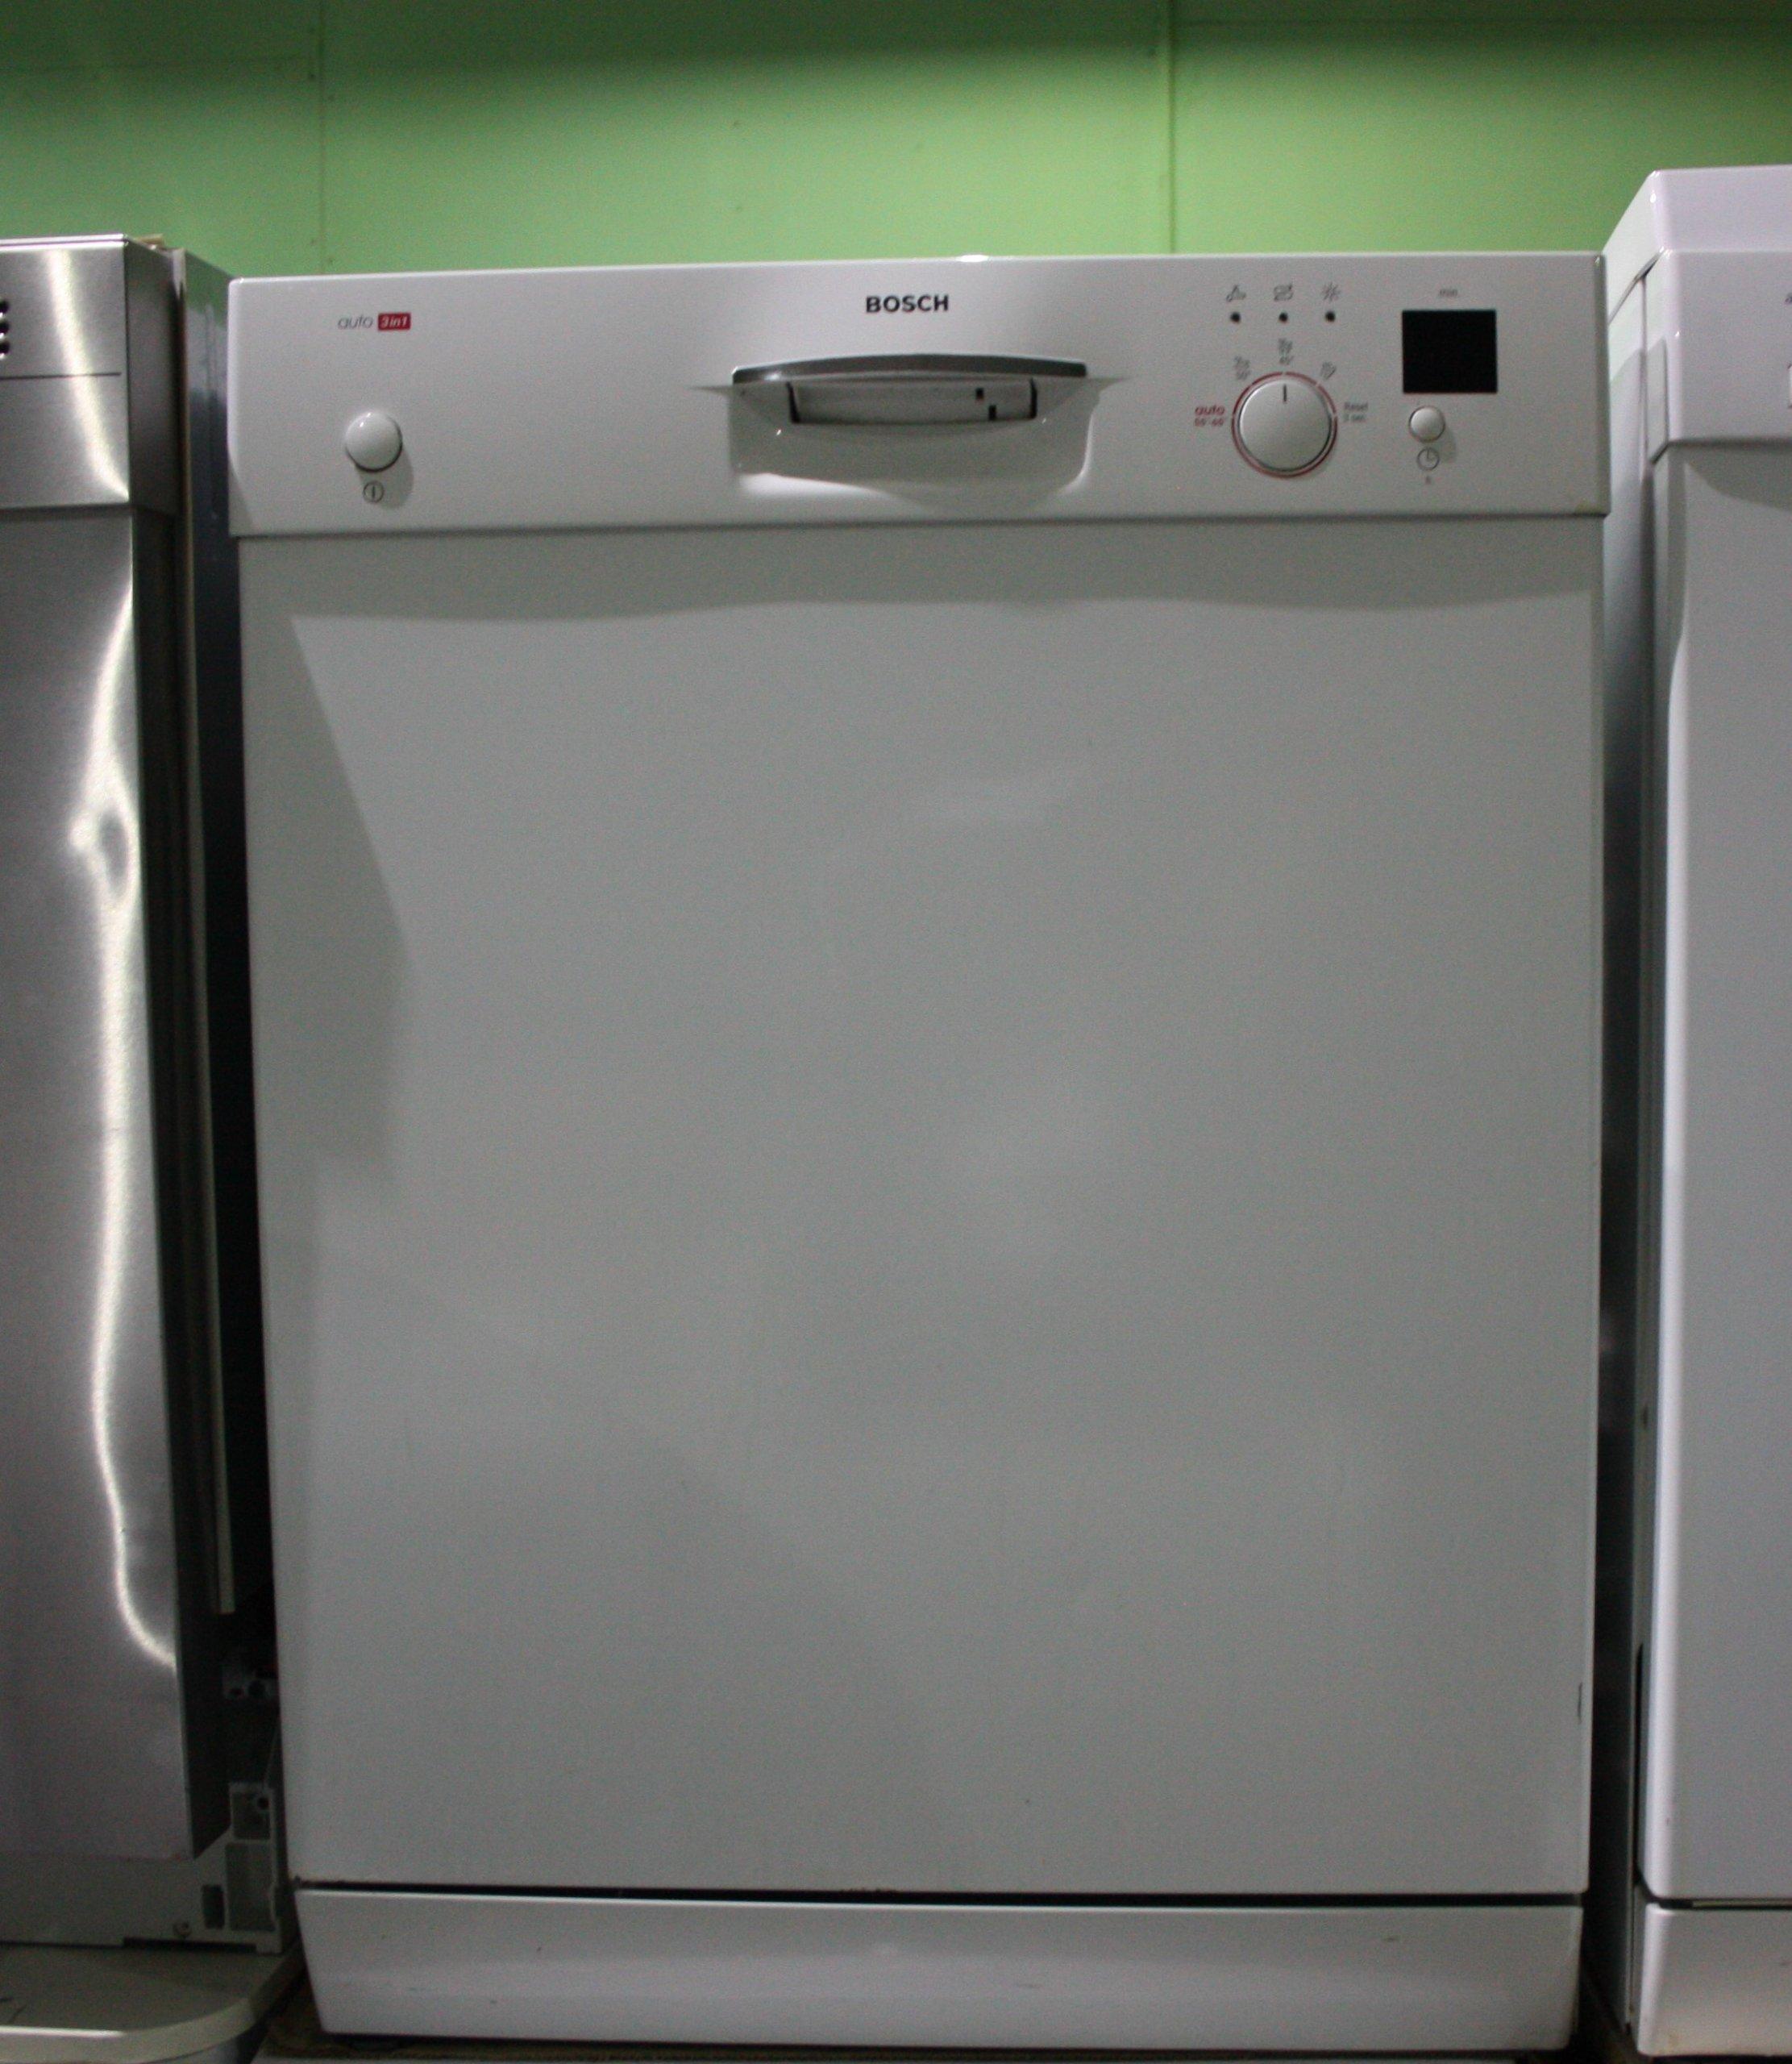 W Ultra Zmywarka Bosch 3in1, szer 60, podblatowa,GWARANCJA - 7093768592 EL97